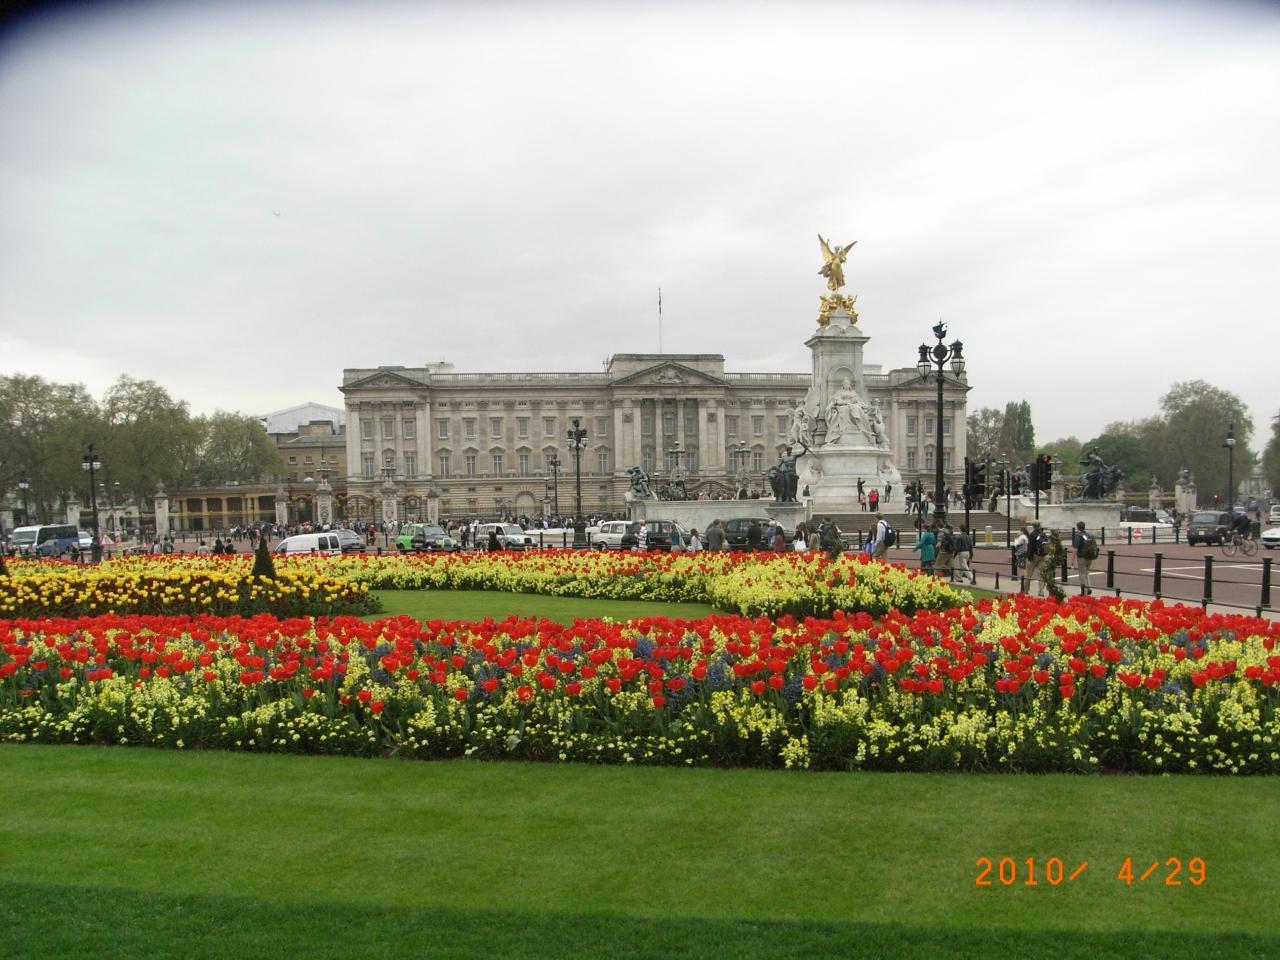 2010年ヨーロッパ春の旅<出発&到着日>